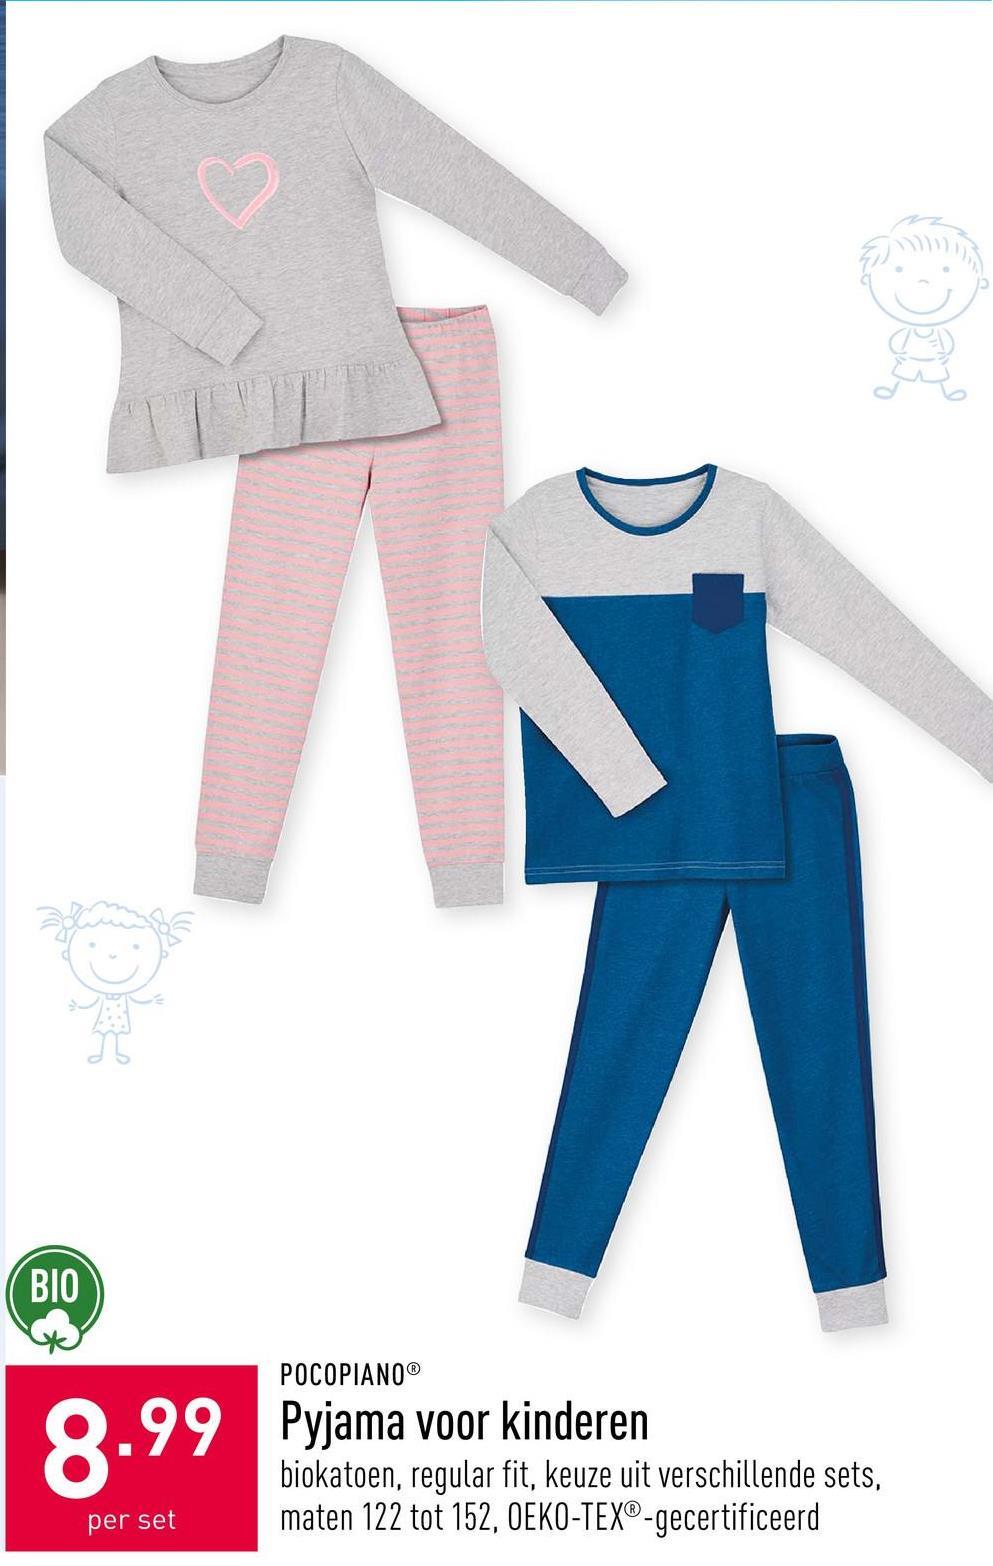 Pyjama voor meisjes katoen (bio), keuze uit verschillende kleuren, maten 122 tot 152